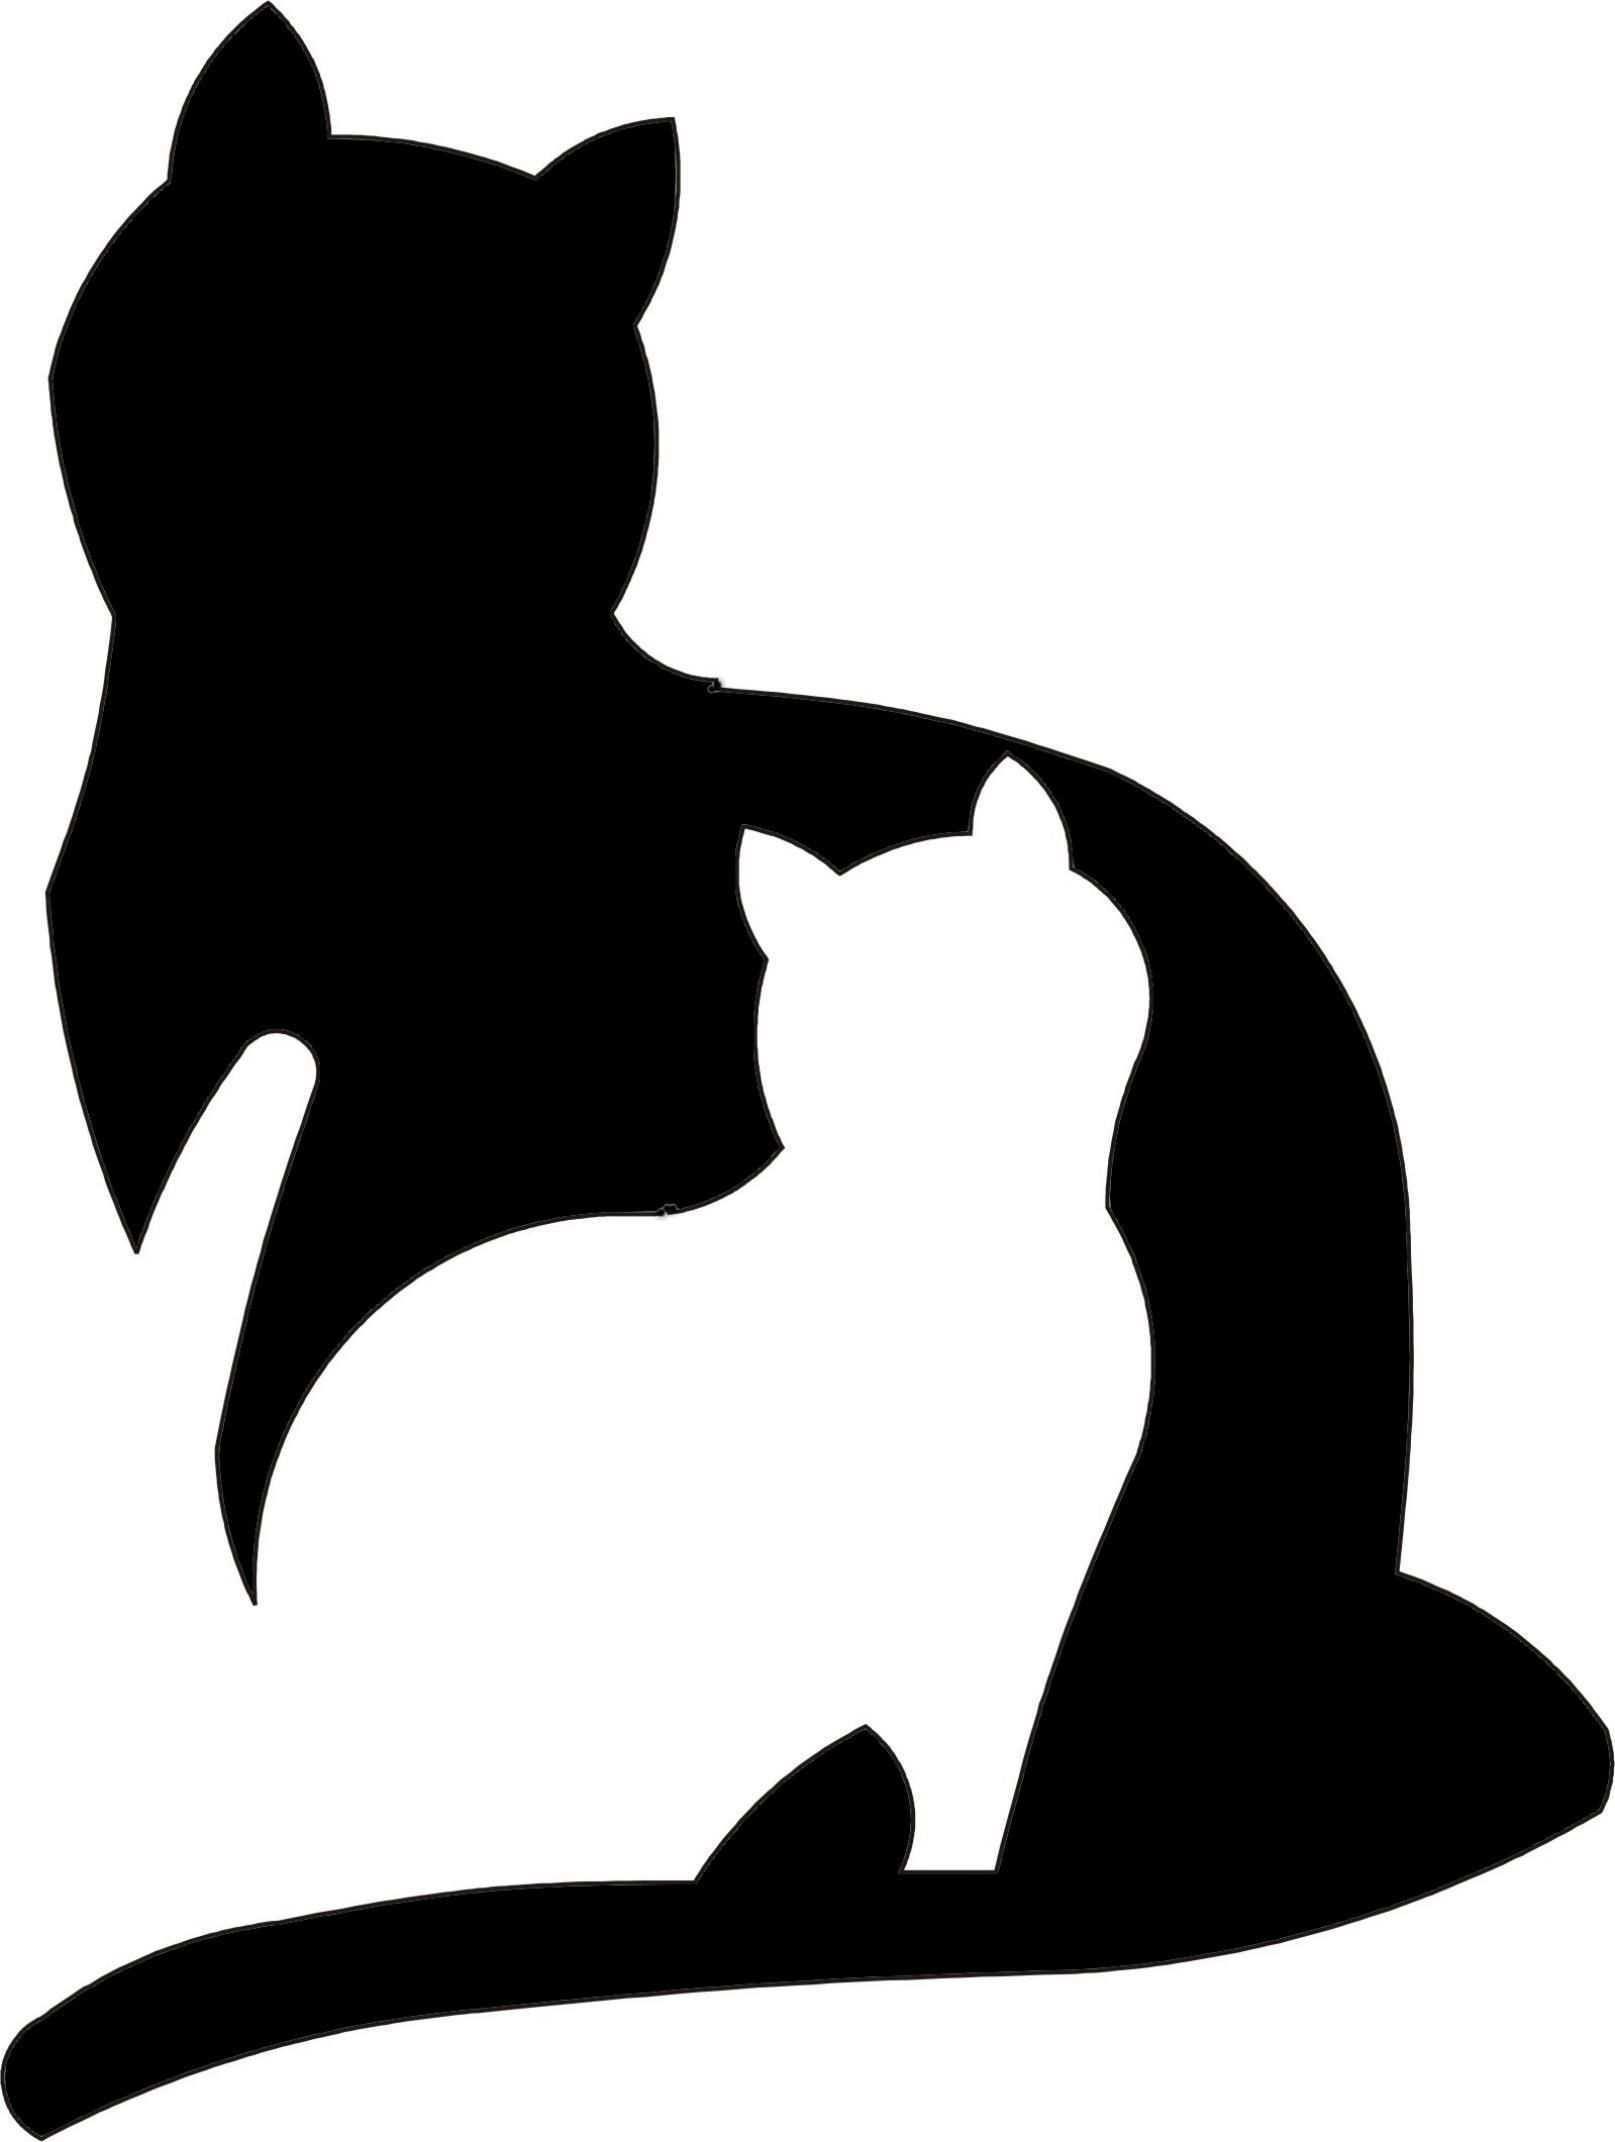 New Katzenvorlage Farbung Malvorlagen Malvorlagenfurkinder Katze Malen Katzen Silhouette Malvorlage Katze